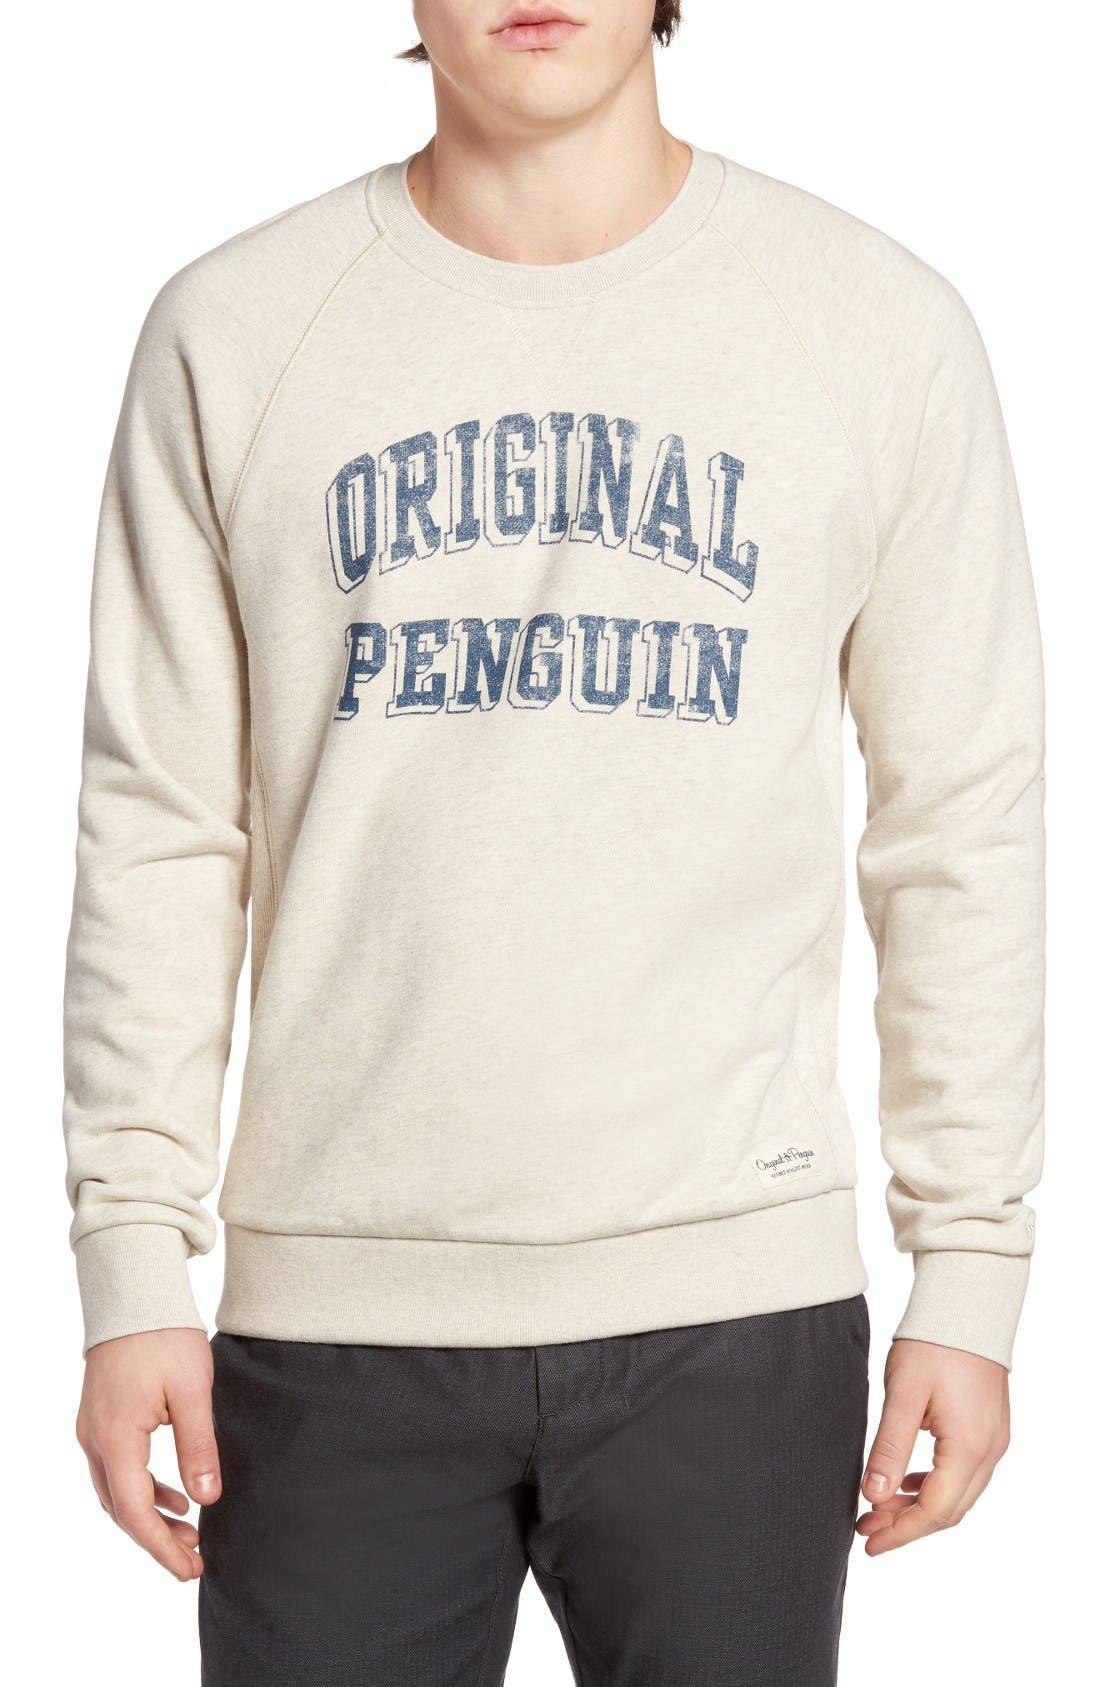 Original Penguin Heritage Sweatshirt